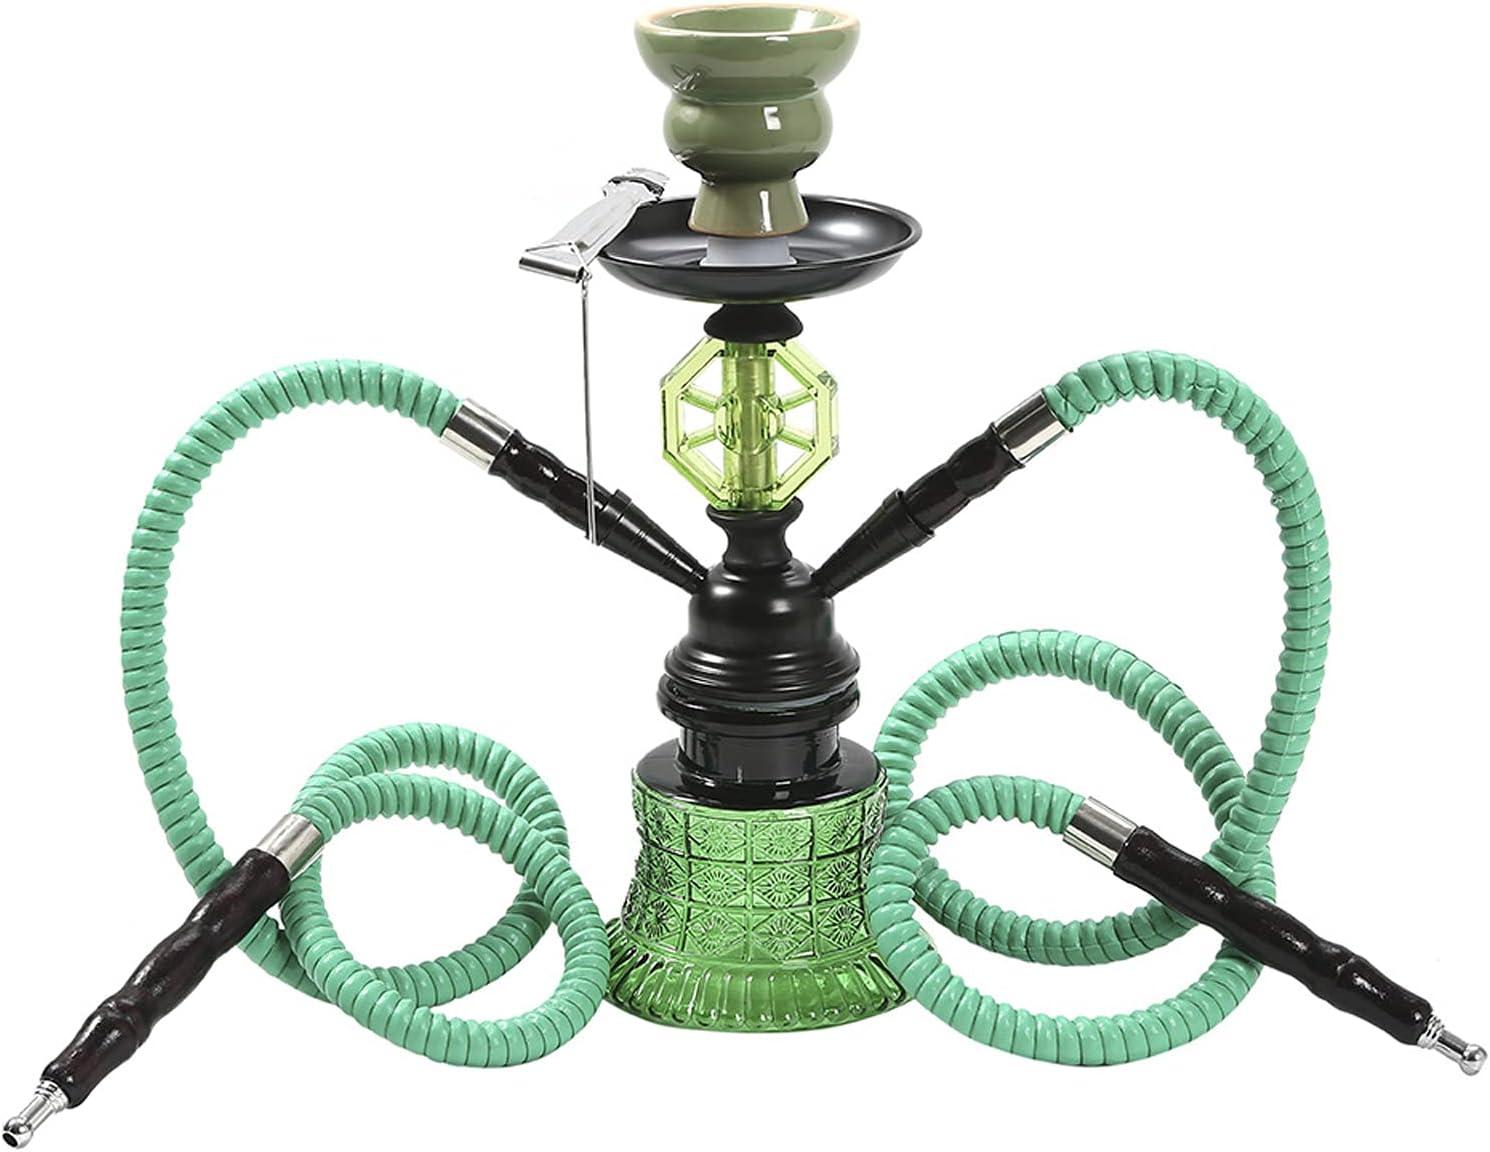 Hookah Shisha Set Set Tubería de Agua Conjunto de Fumadores, Hookah portátil Set 2 Hose Silicone Hookah Kit Complete Kit Completo Hookah para el hogar y el Uso de la Green